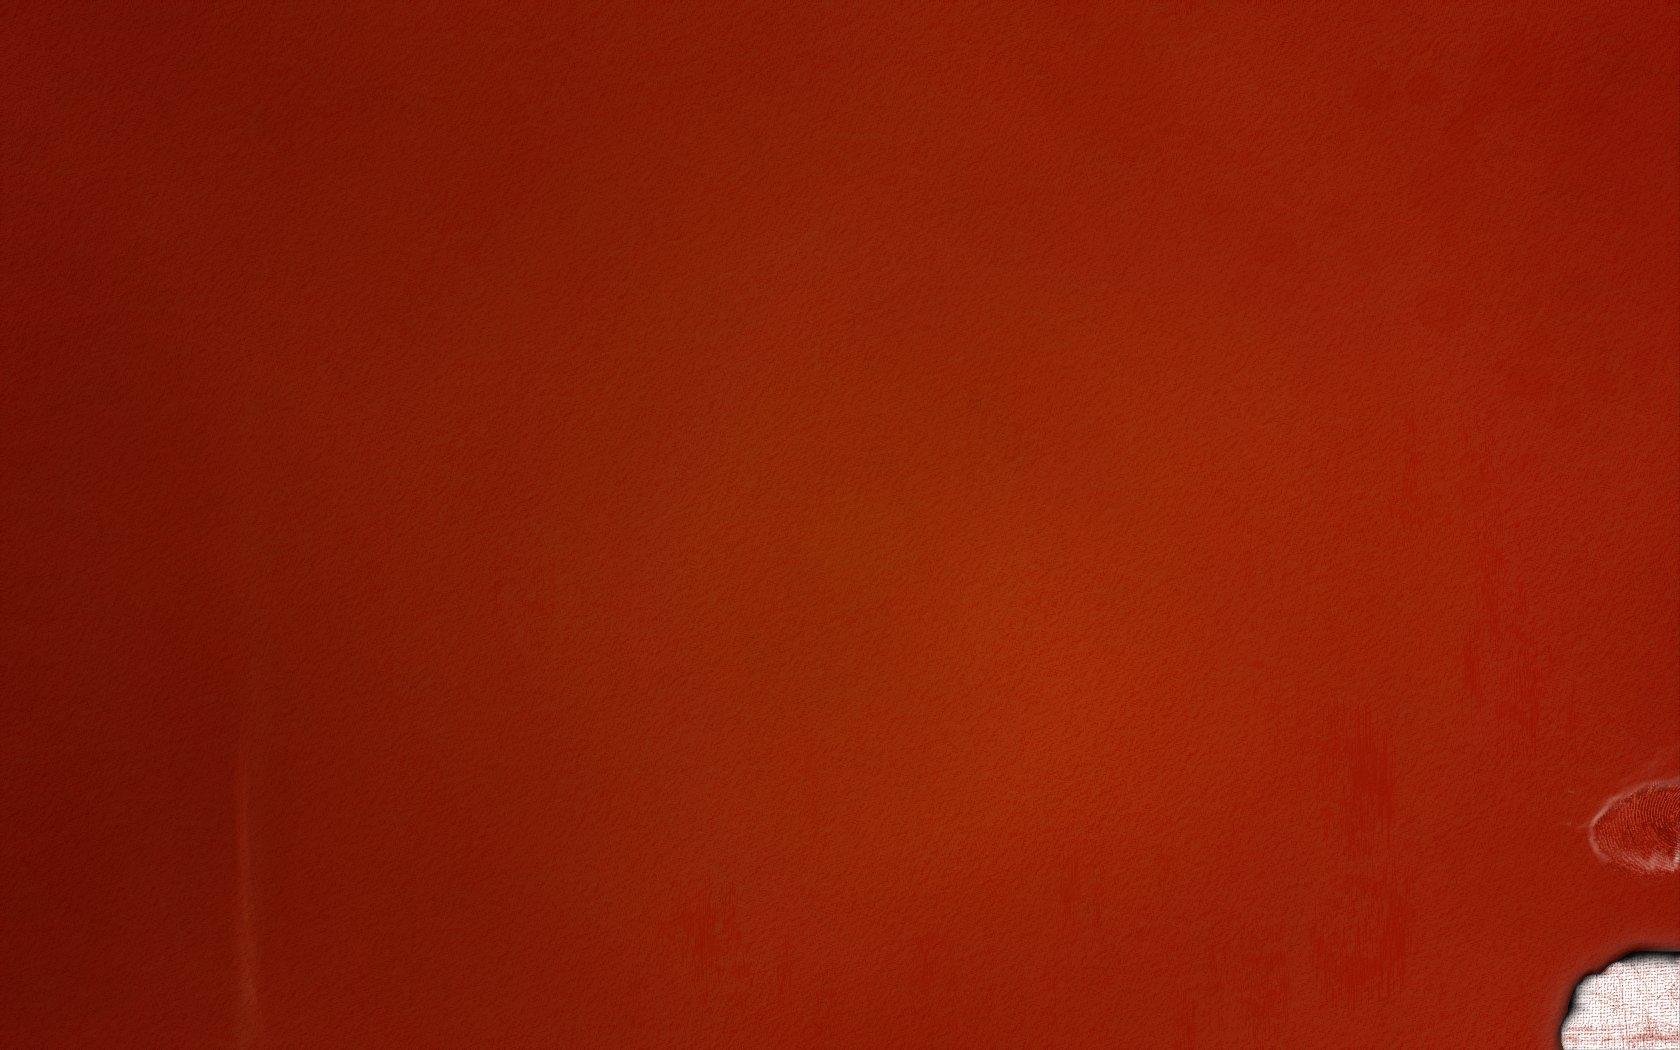 Grunge corner orange by 10r on deviantart - Dark orange wallpaper ...